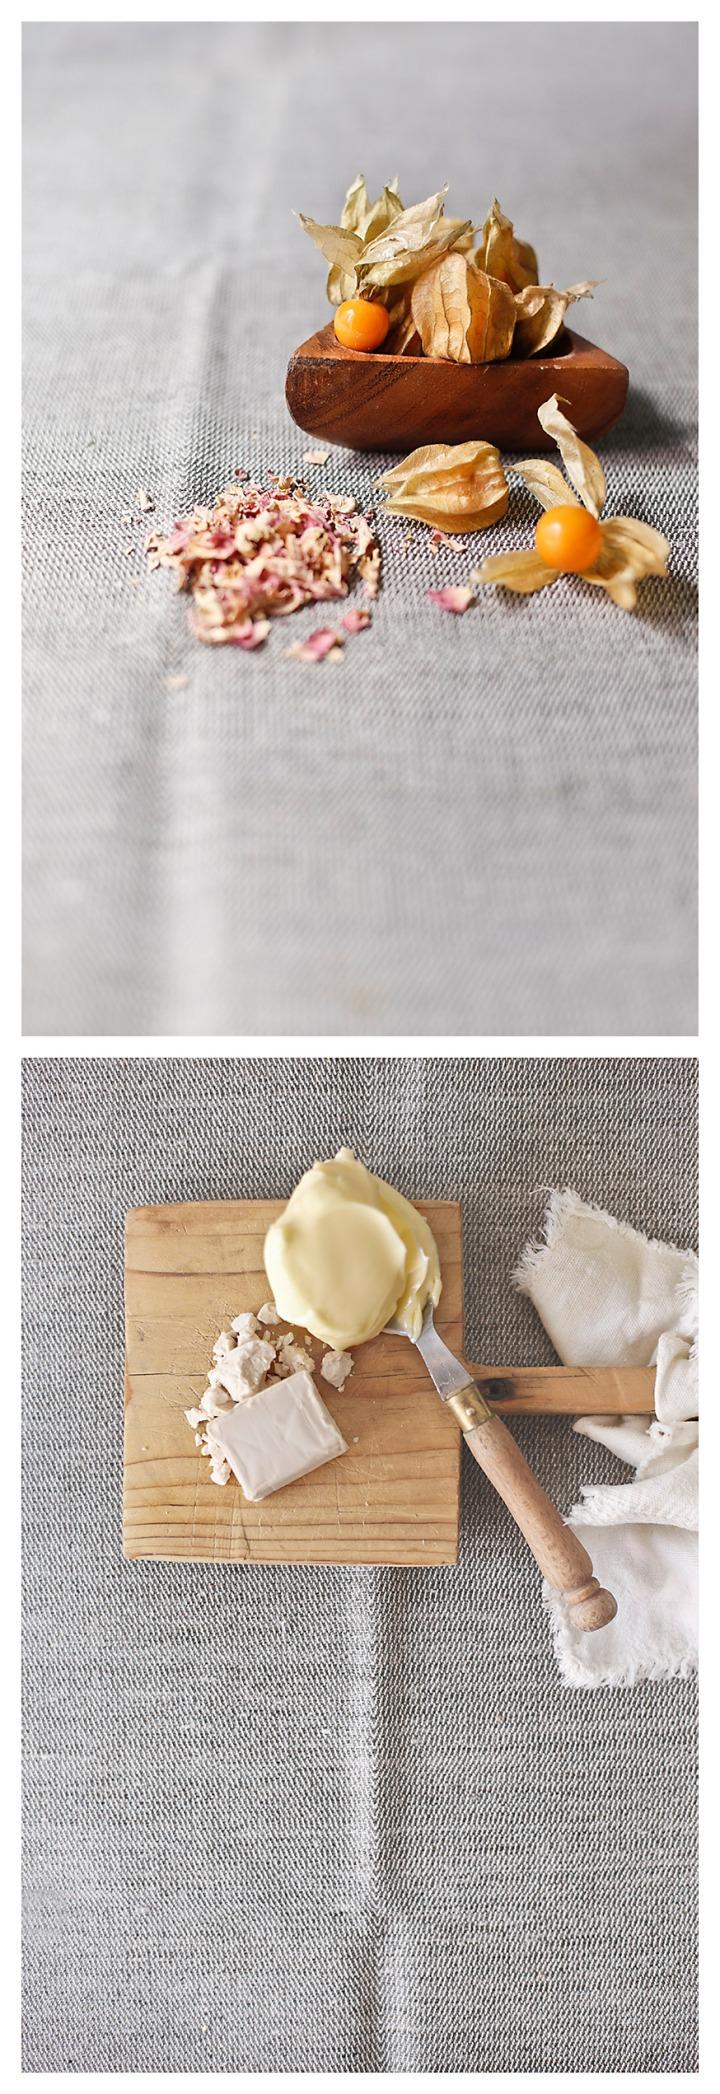 fisalis mantequilla y levadura fresca